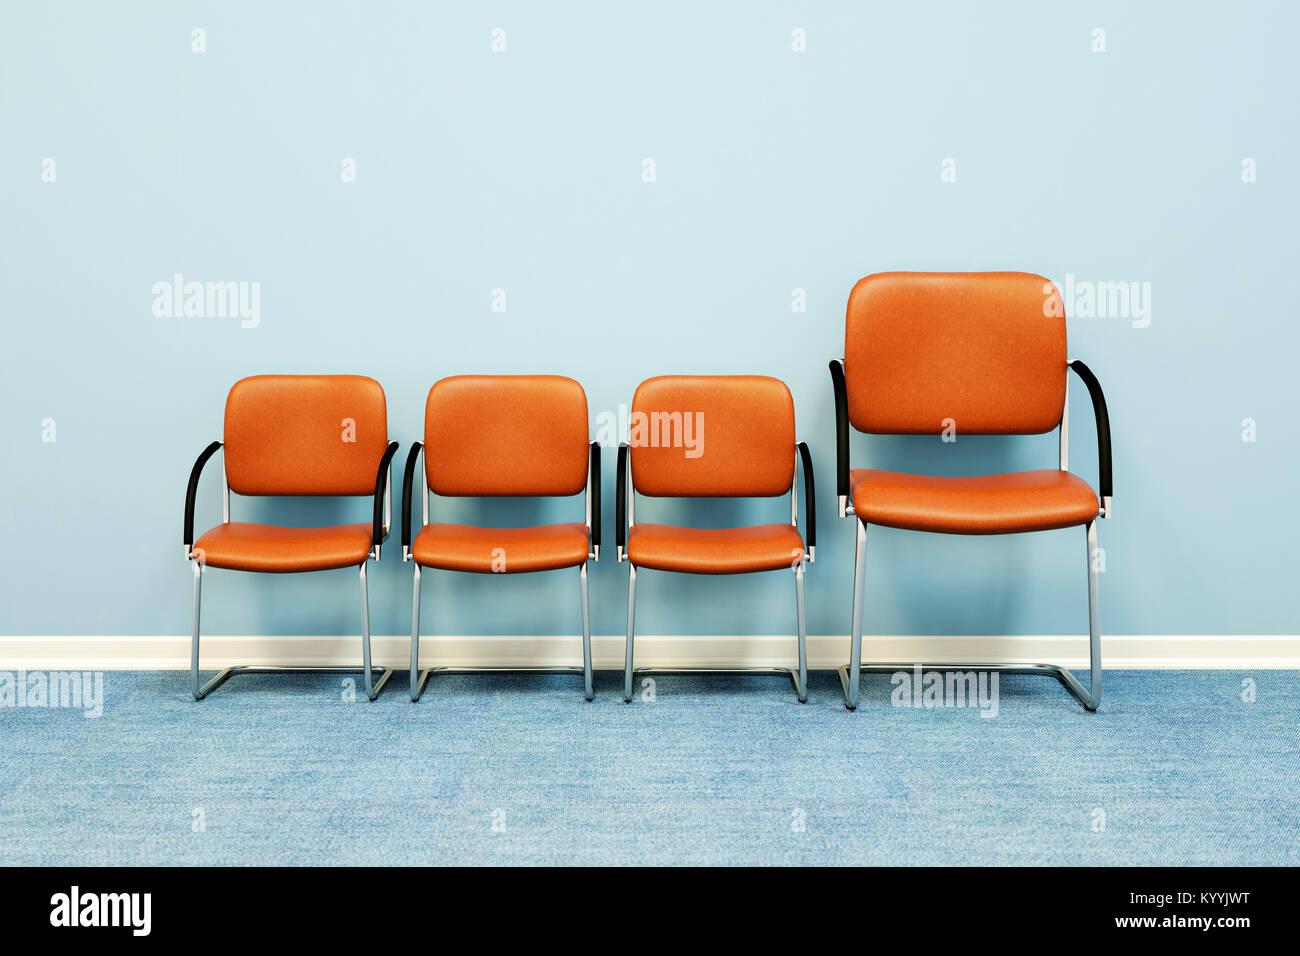 Une grande et trois petites chaises dans une rangée contre un mur dans une salle vide - notion de droit Photo Stock